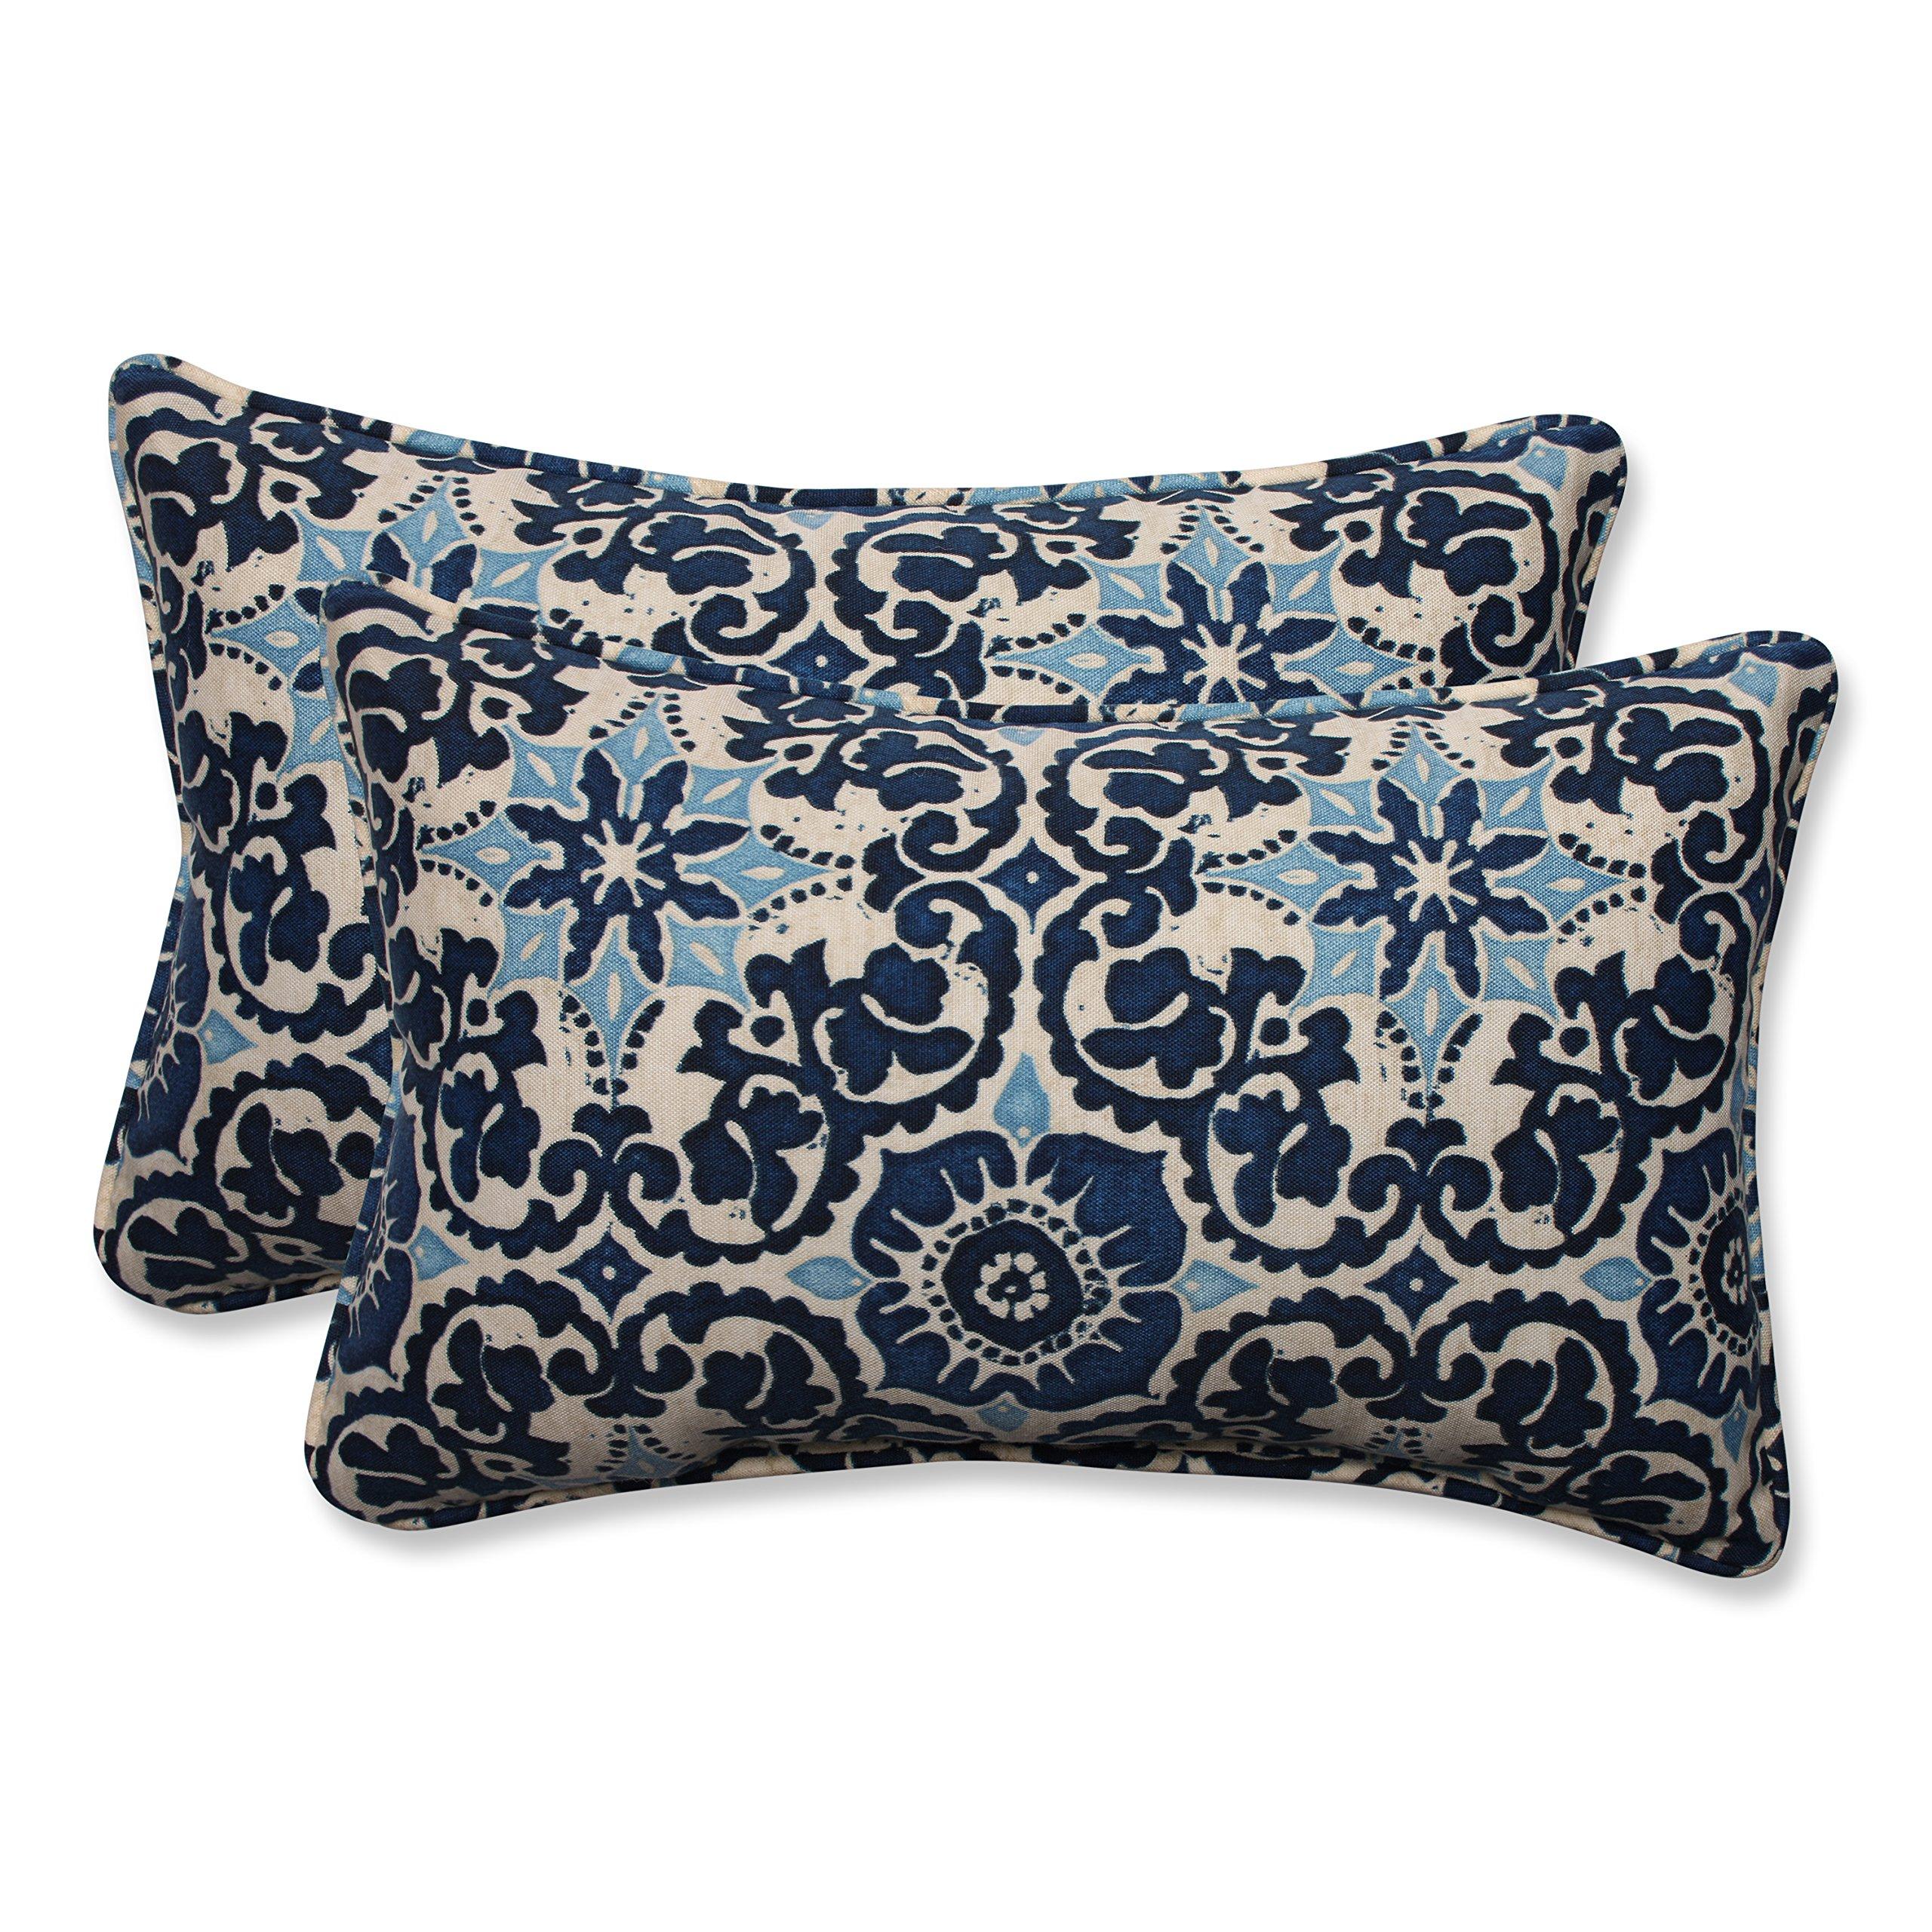 Pillow Perfect Outdoor/Indoor Woodblock Prism Rectangular Throw Pillow (Set of 2), Blue